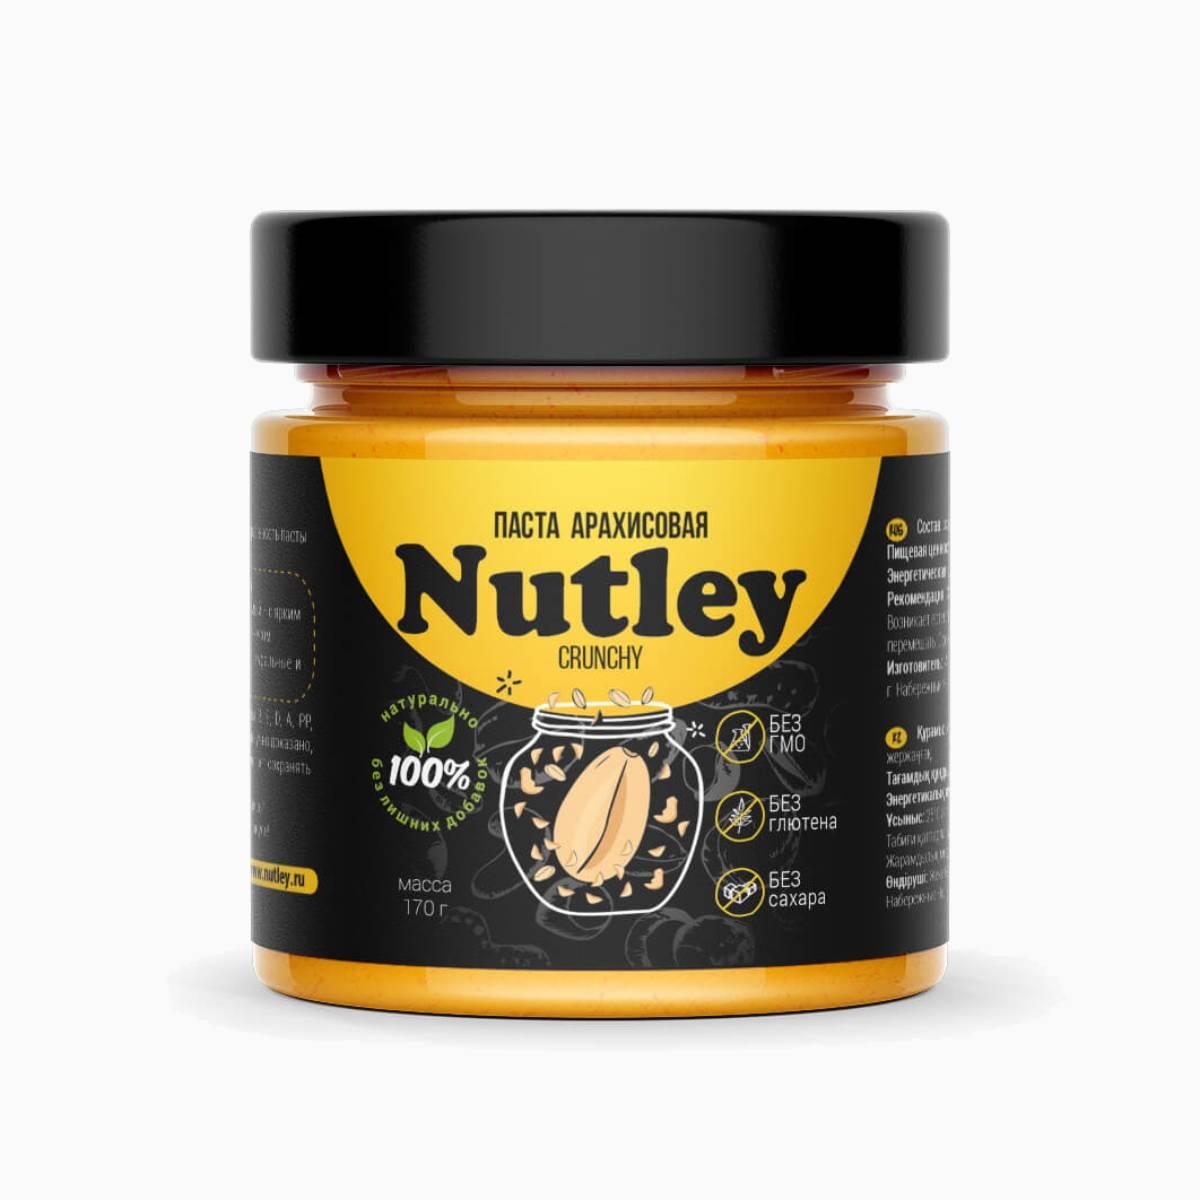 Паста Арахисовая классическая Crunchy, Nutley Black